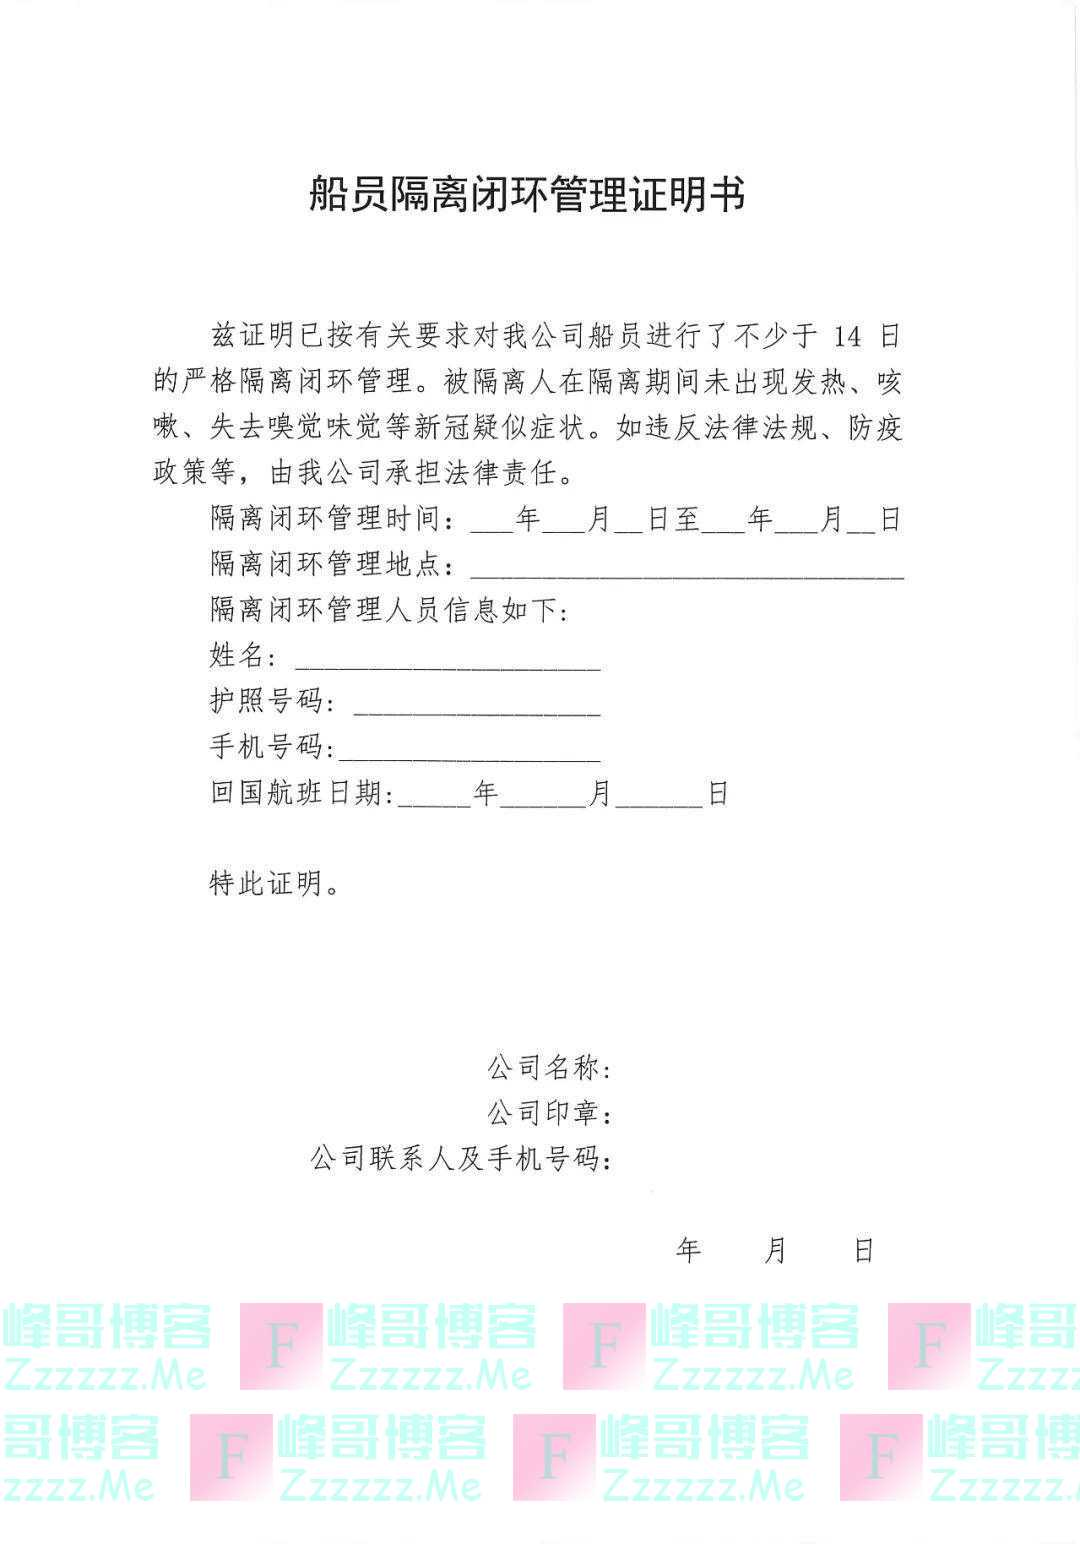 中国驻新加坡大使馆:如无法入境隔离,切勿来新下船回国,以免延误回国行程